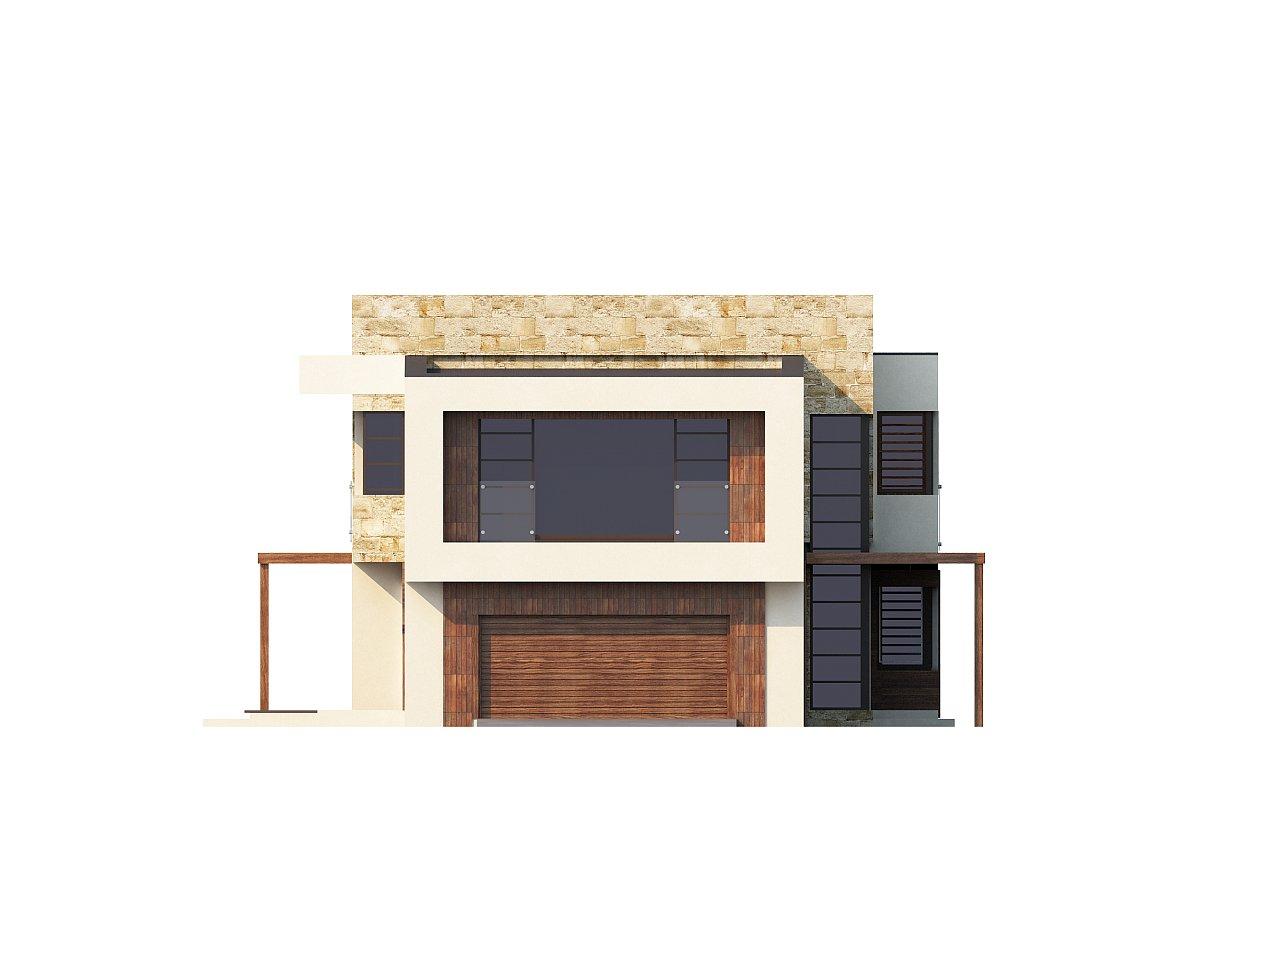 Двухэтажный дома в стиле модерн с практичным интерьером и гаражом для двух автомобилей. 6